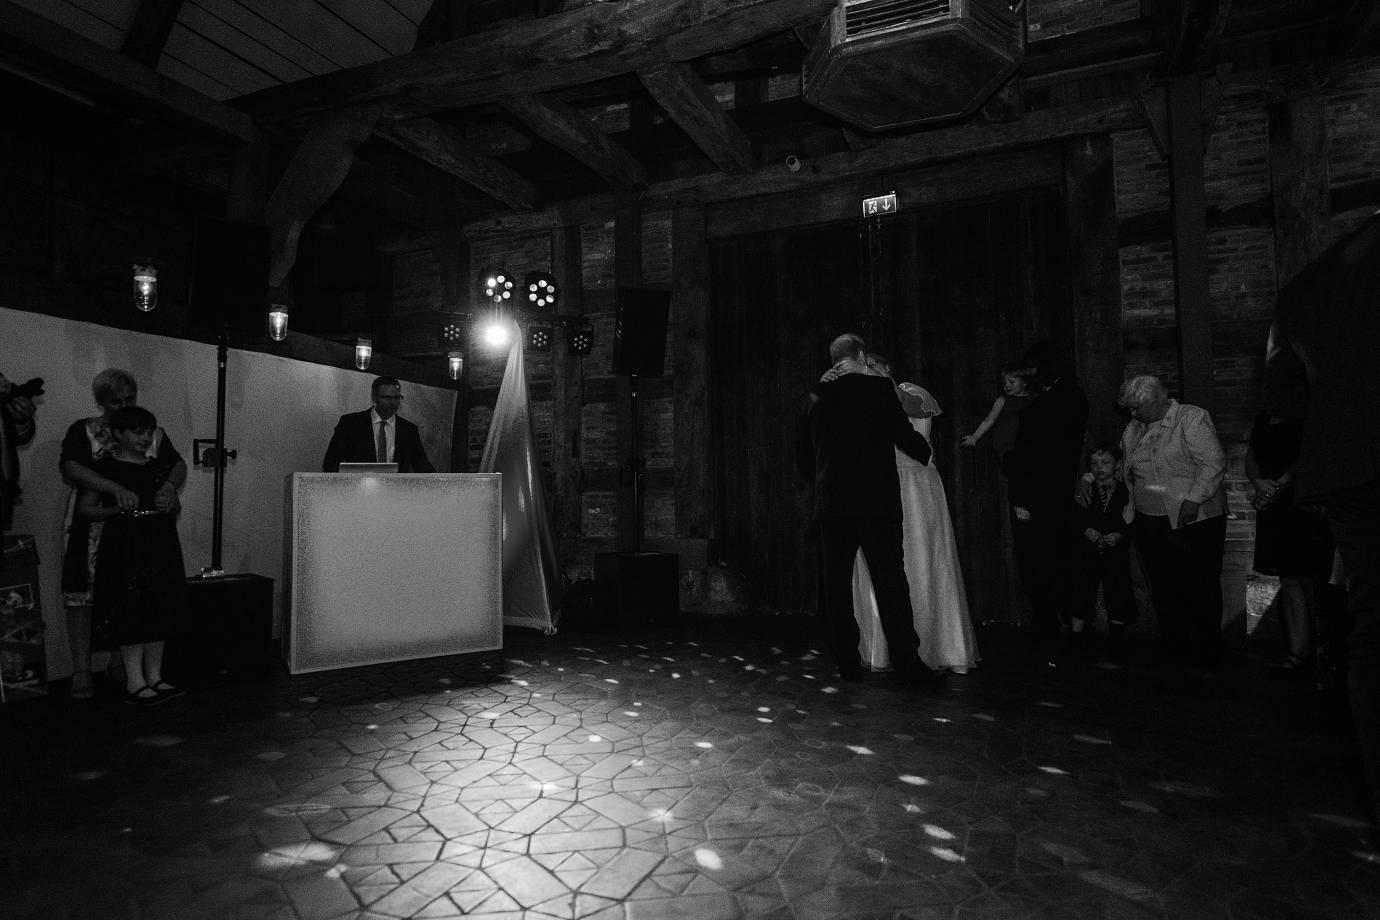 hochzeitsfotograf hannover 187 - Jutta+Patrick